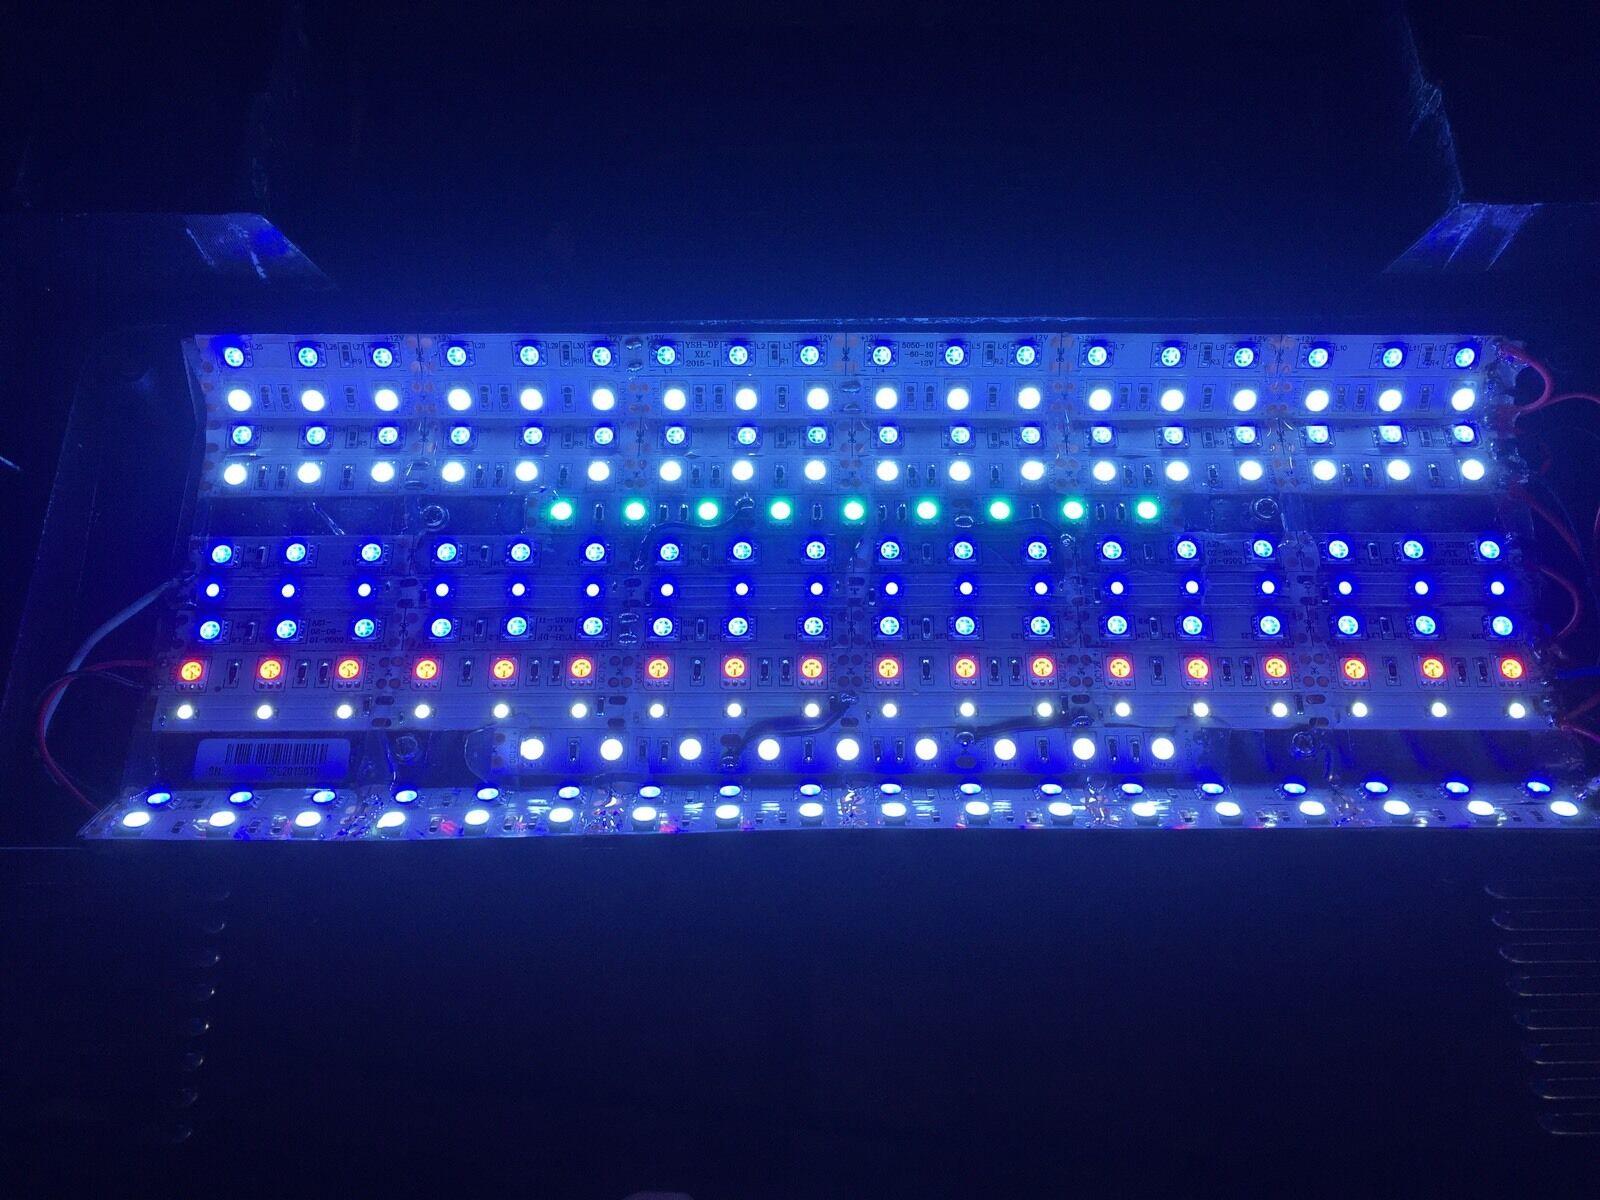 Full spectrum 65W LED retrofit upgrade - Bio-Cube 14 gallon reef aquarium light